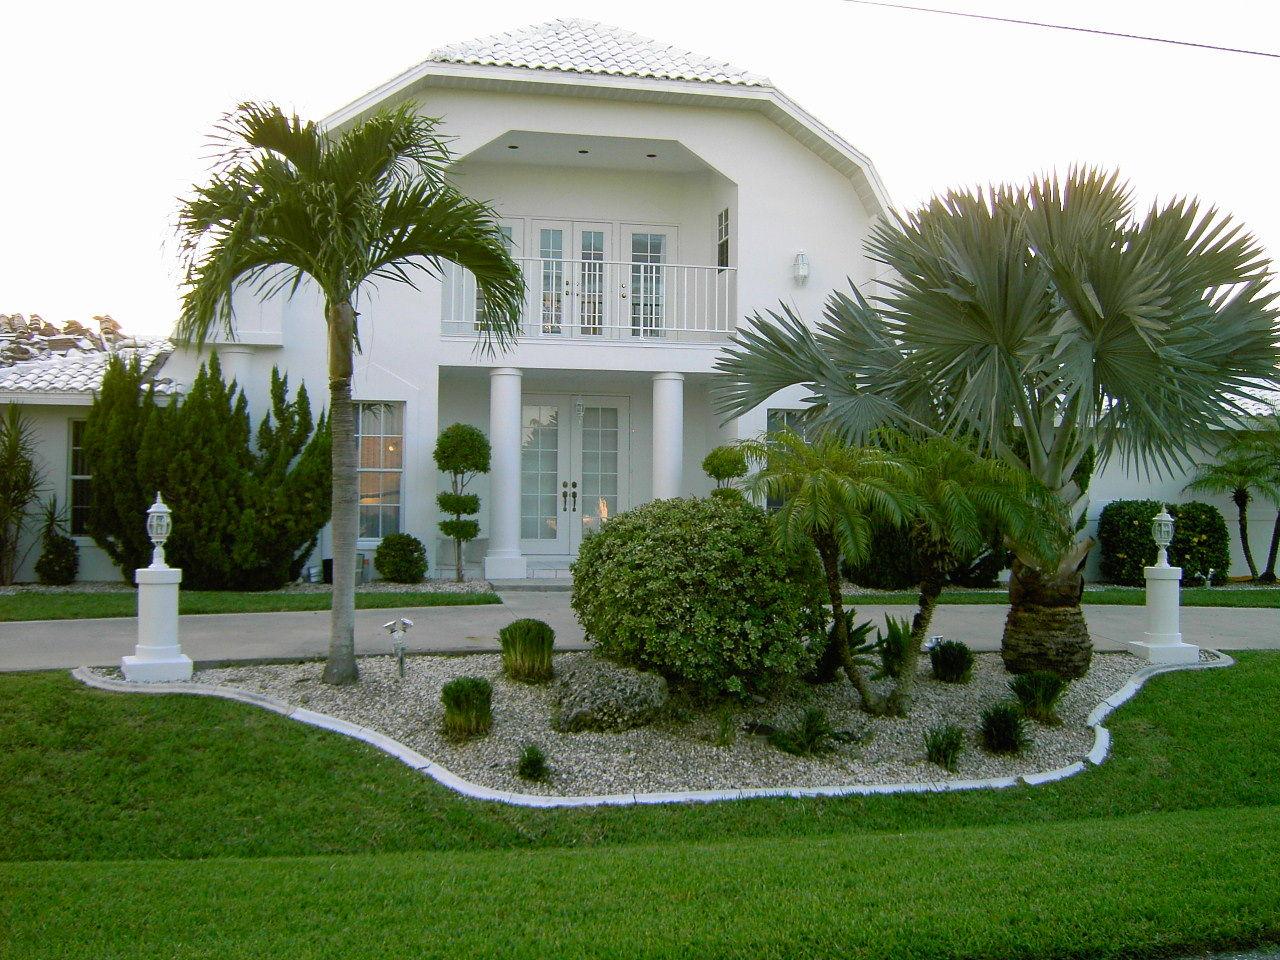 Villa Savona in Cape Coral Florida